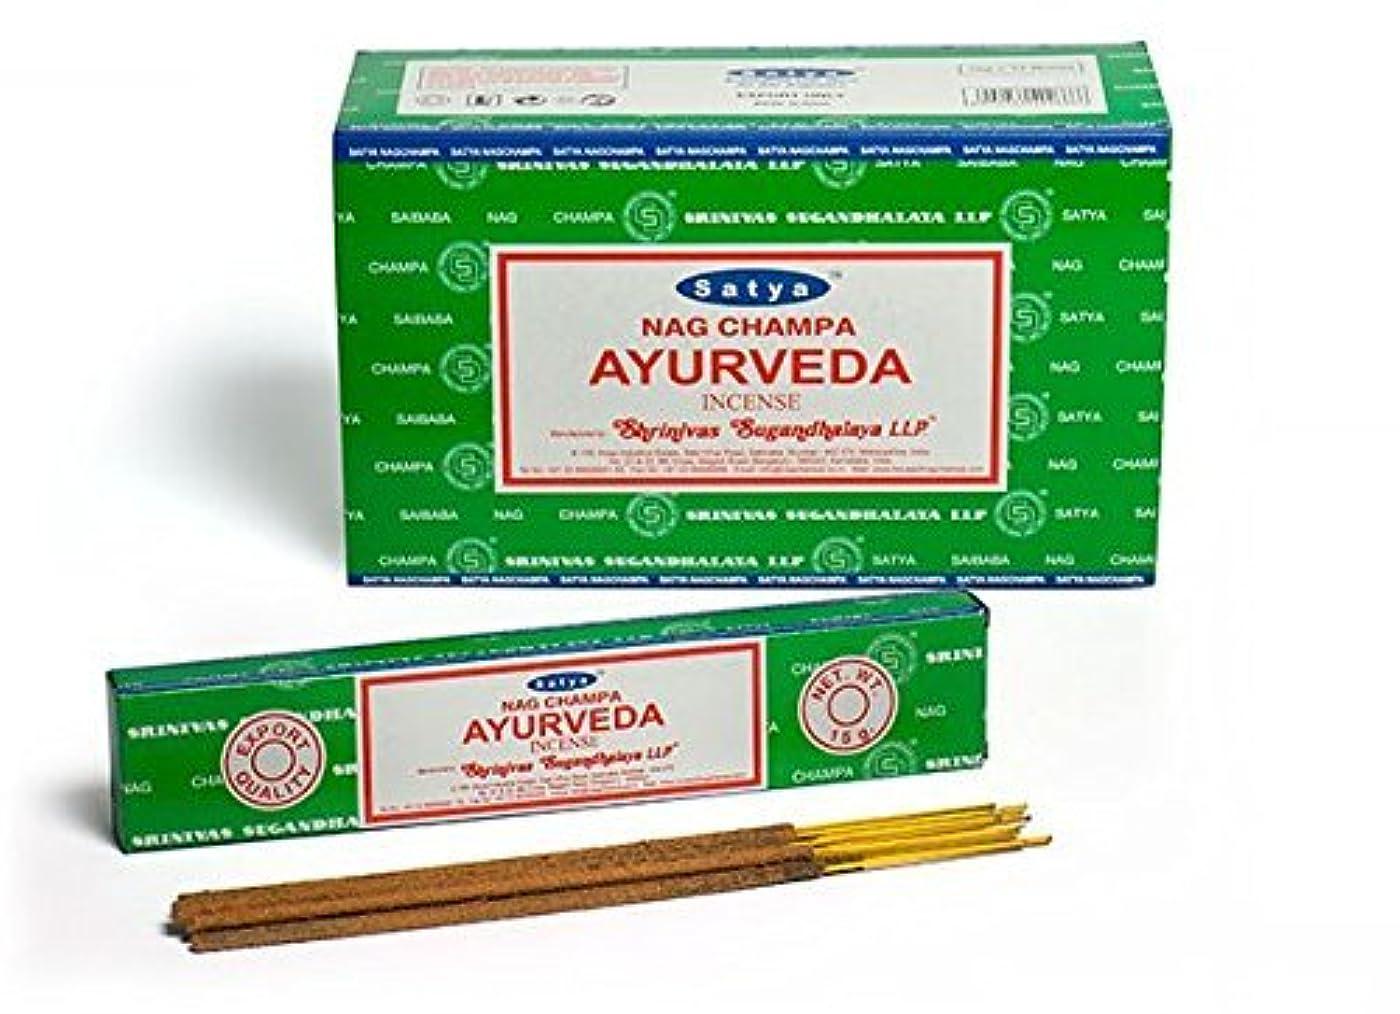 書道鬼ごっこ銀河Buycrafty Satya Champa Ayurveda Incense Stick,180 Grams Box (15g x 12 Boxes)